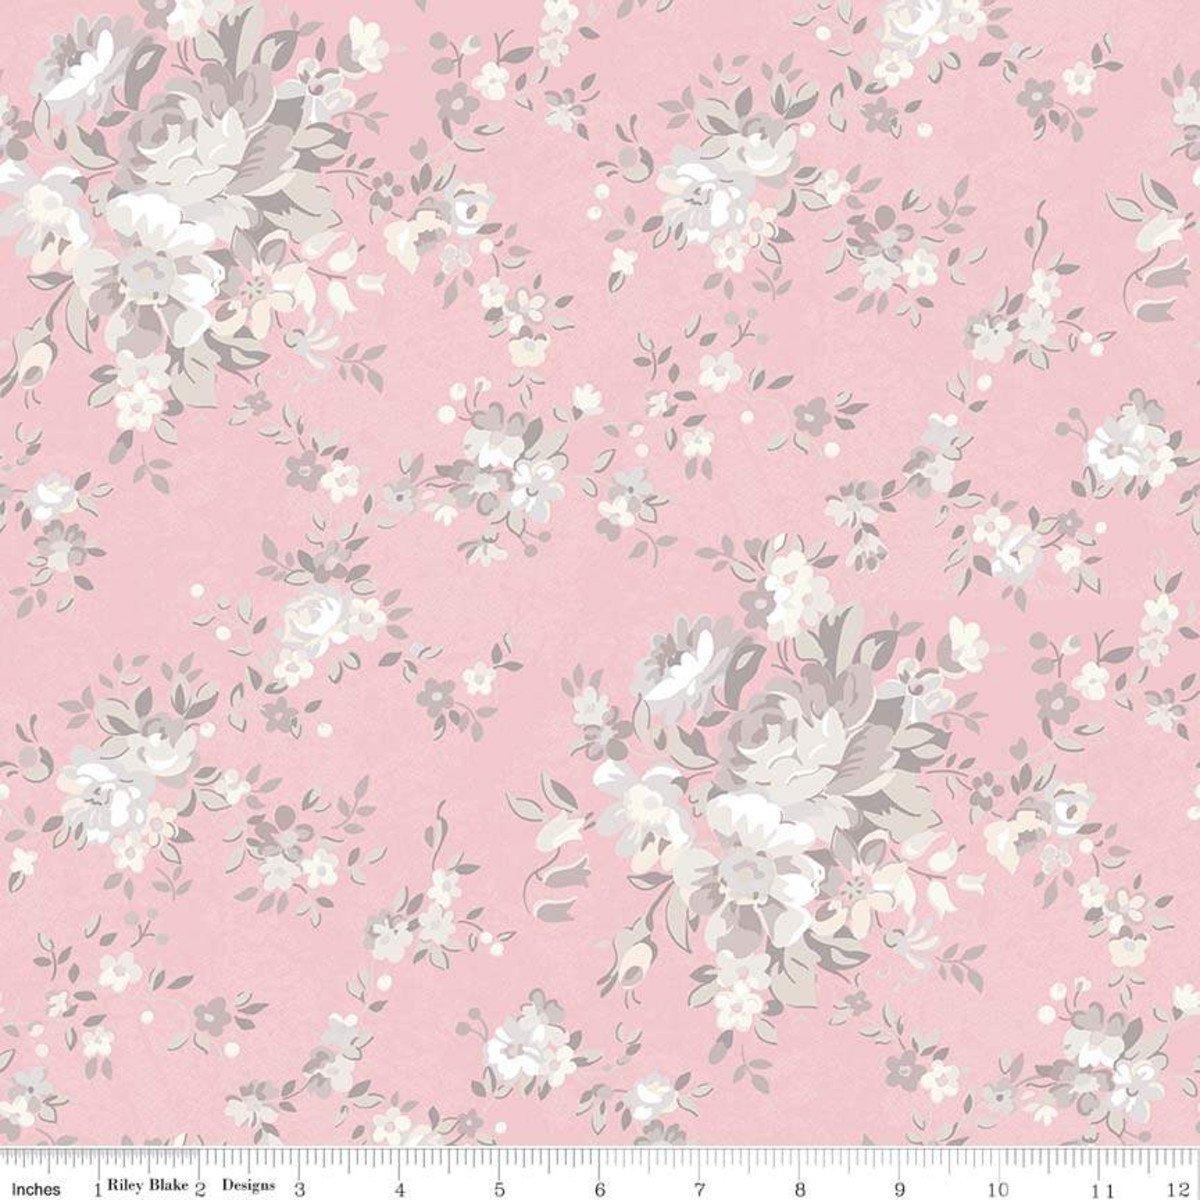 Riley Blake Rose Garden Pink C7680 Pink